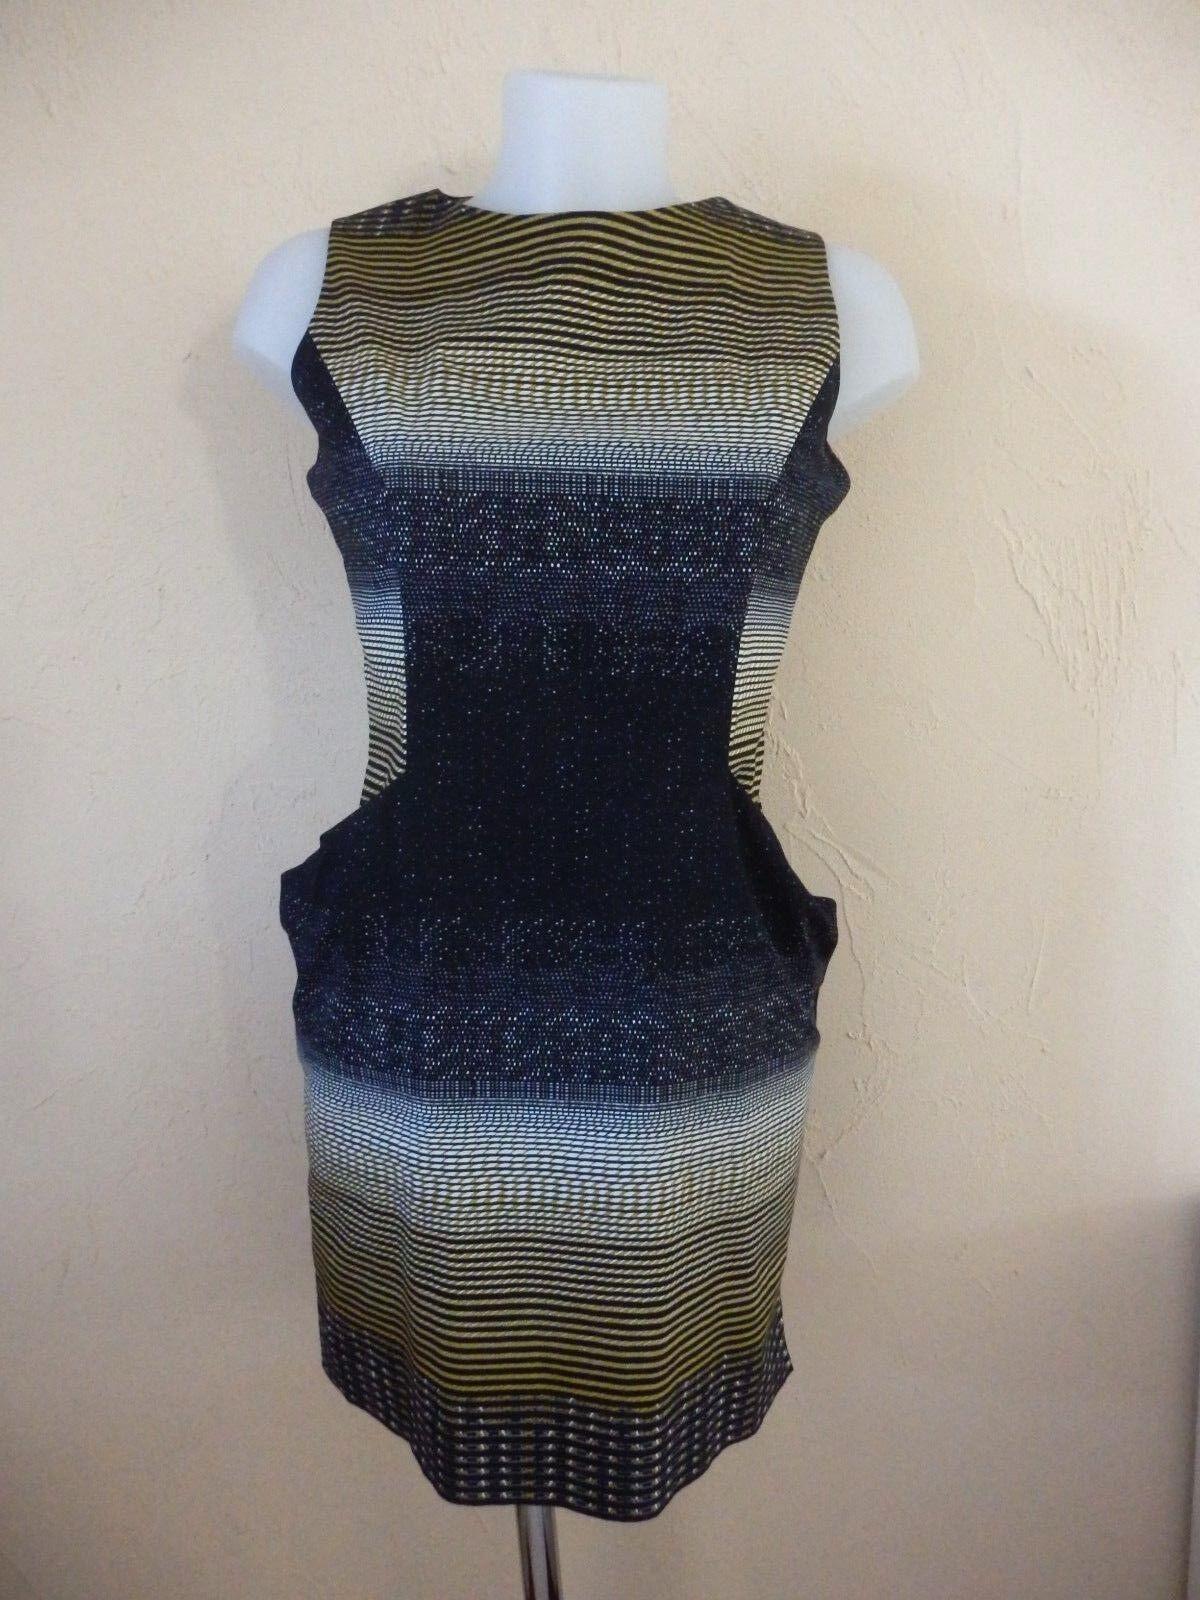 Benjamine jüngste Tochter - Kleid - Größe 40fr - authentisch